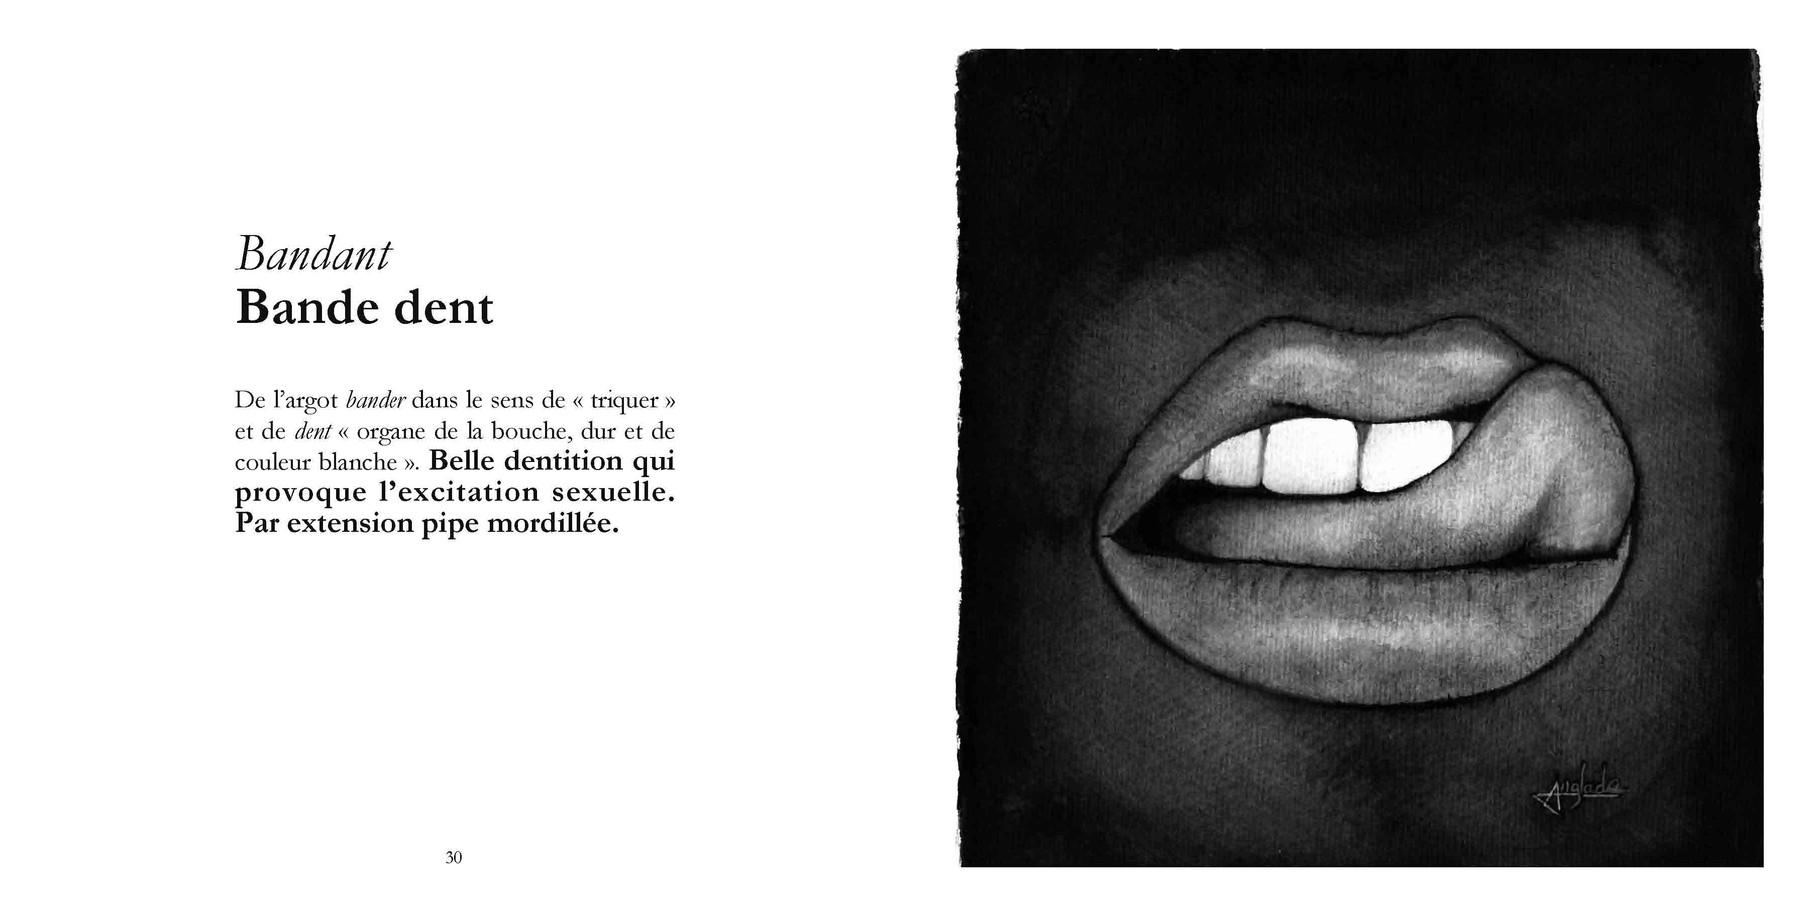 Bandant - Bande dent / P 30-31 du Bestof2 -Texte Edith - Dessin Anne-Laure Anglade. Droits réservés - Reproduction interdite